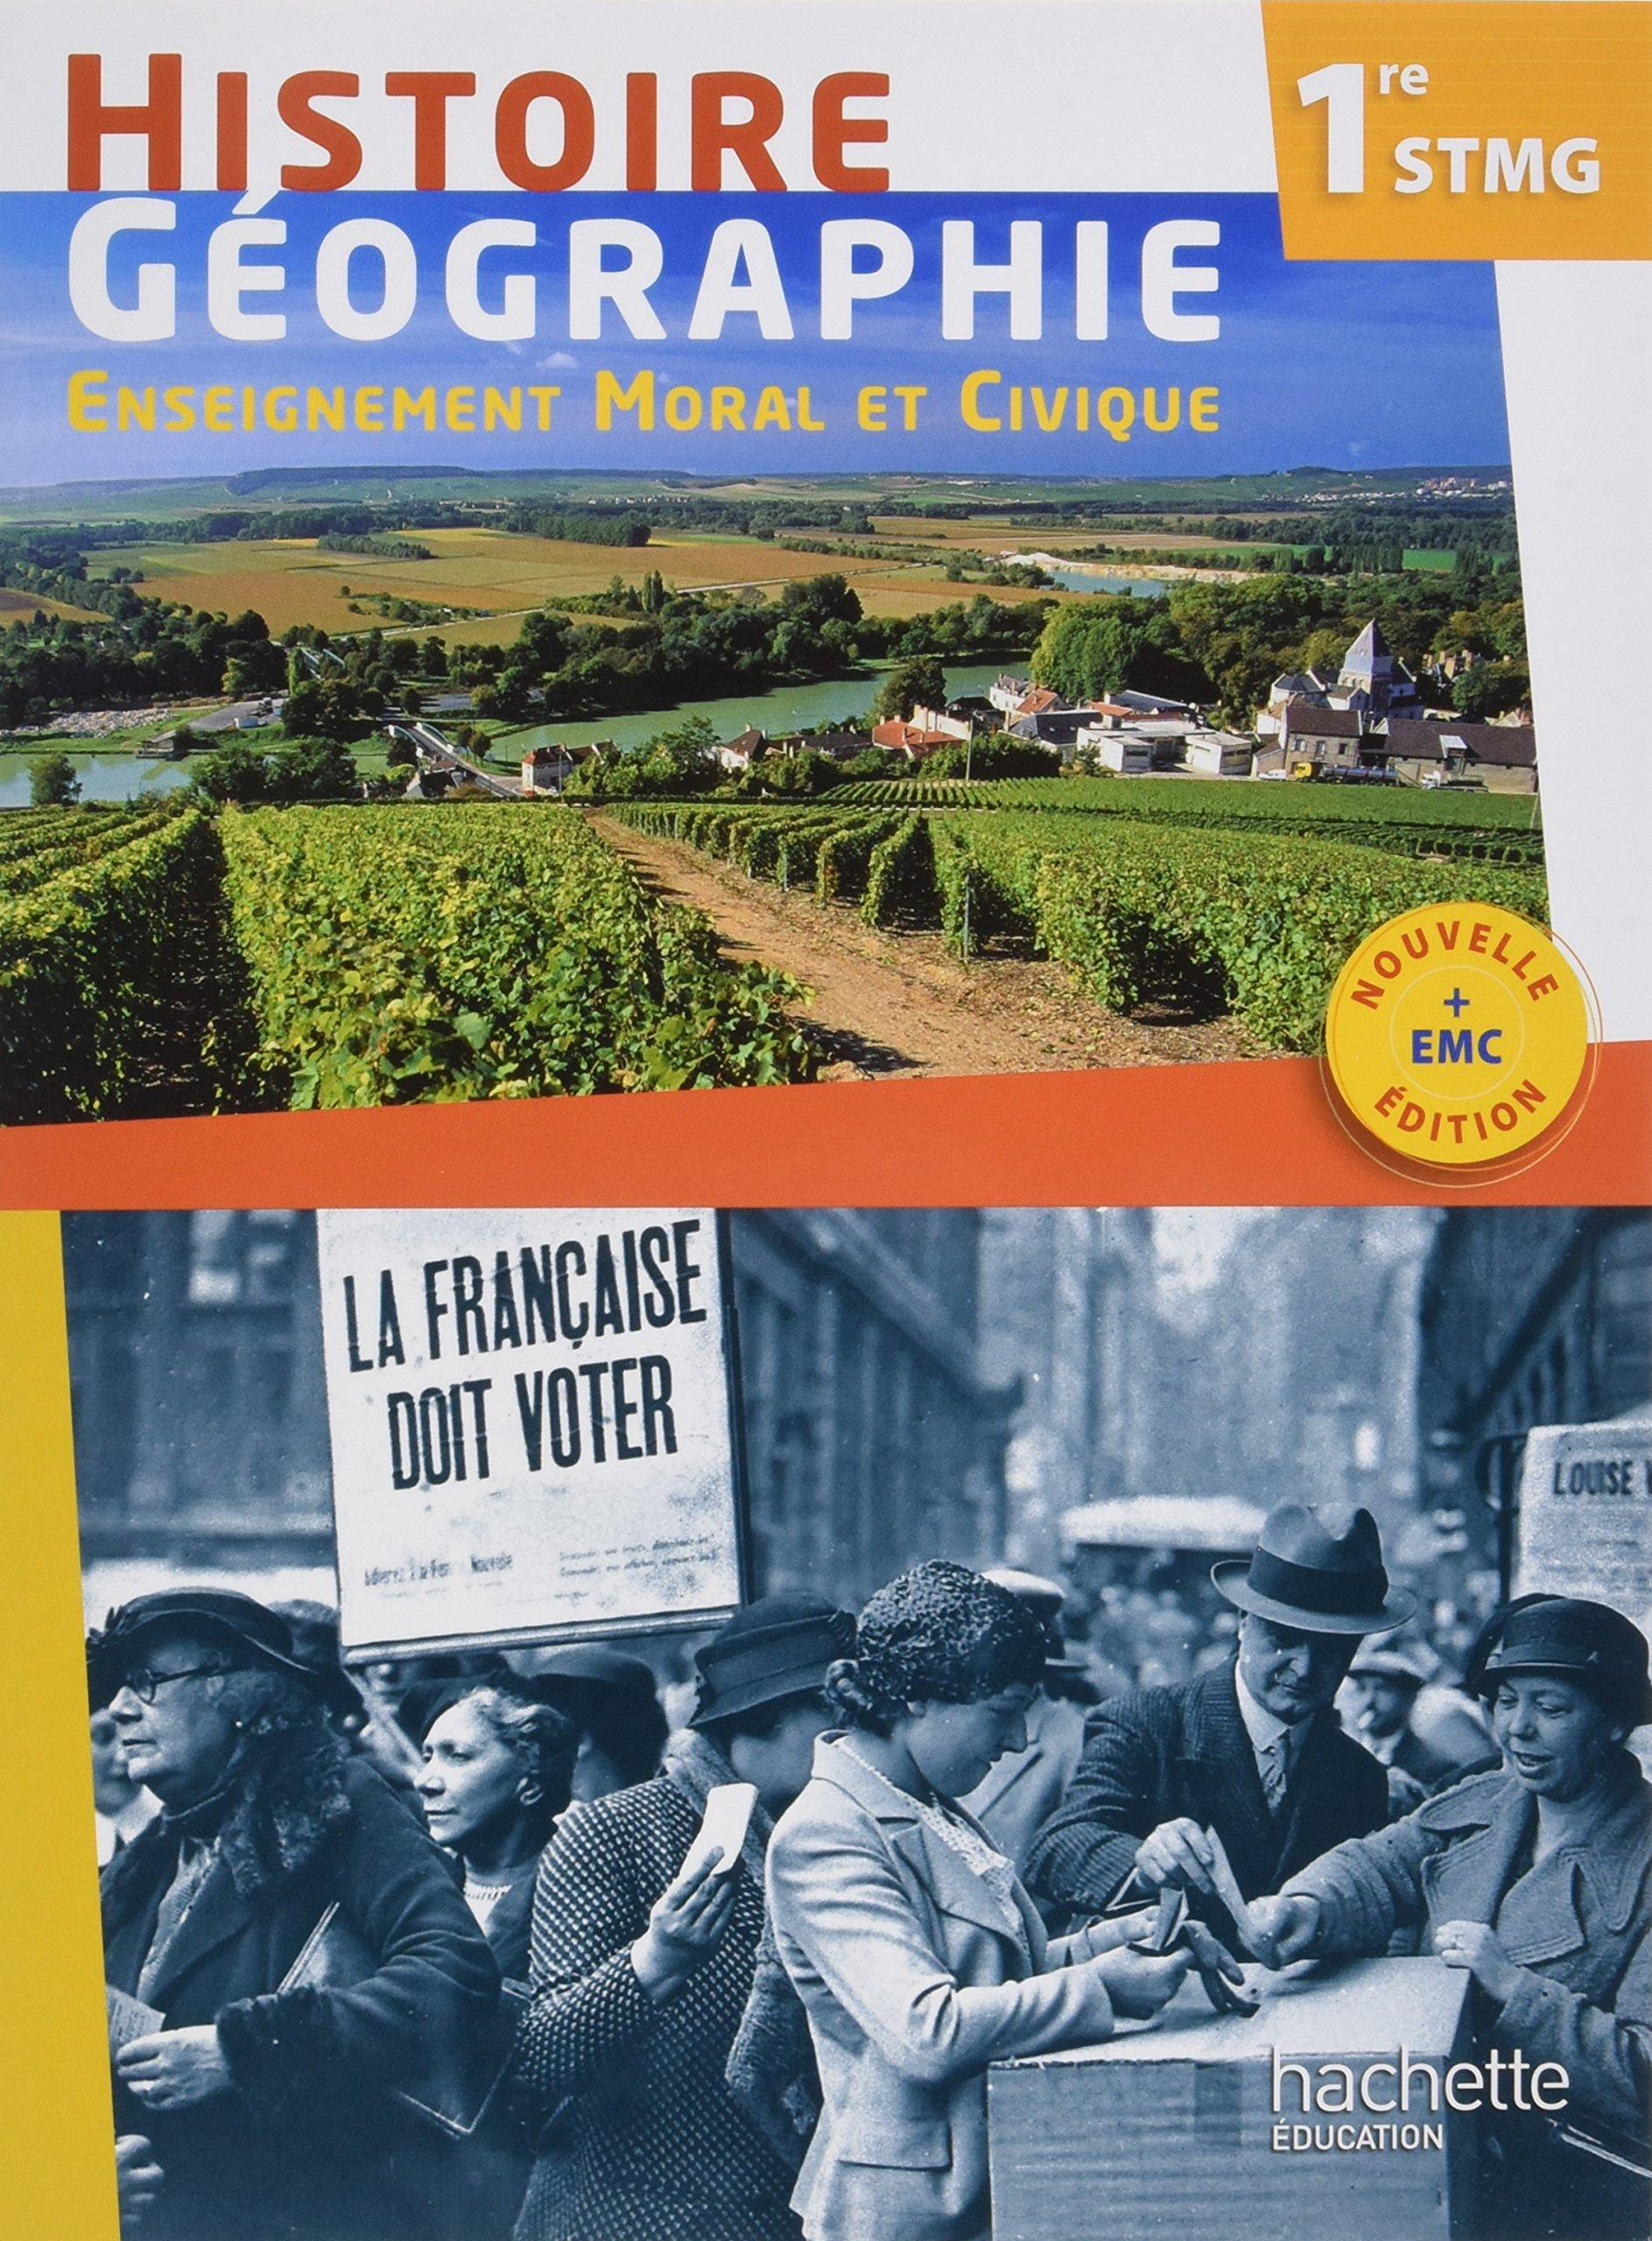 Histoire Géographie EMC 1re STMG - Livre élève - ED. 2017 Histoire - Géographie - EMC STMG/ ST2S/ STD2A/ STI2D/ STL: Amazon.es: Cristhine Lécureux, ...